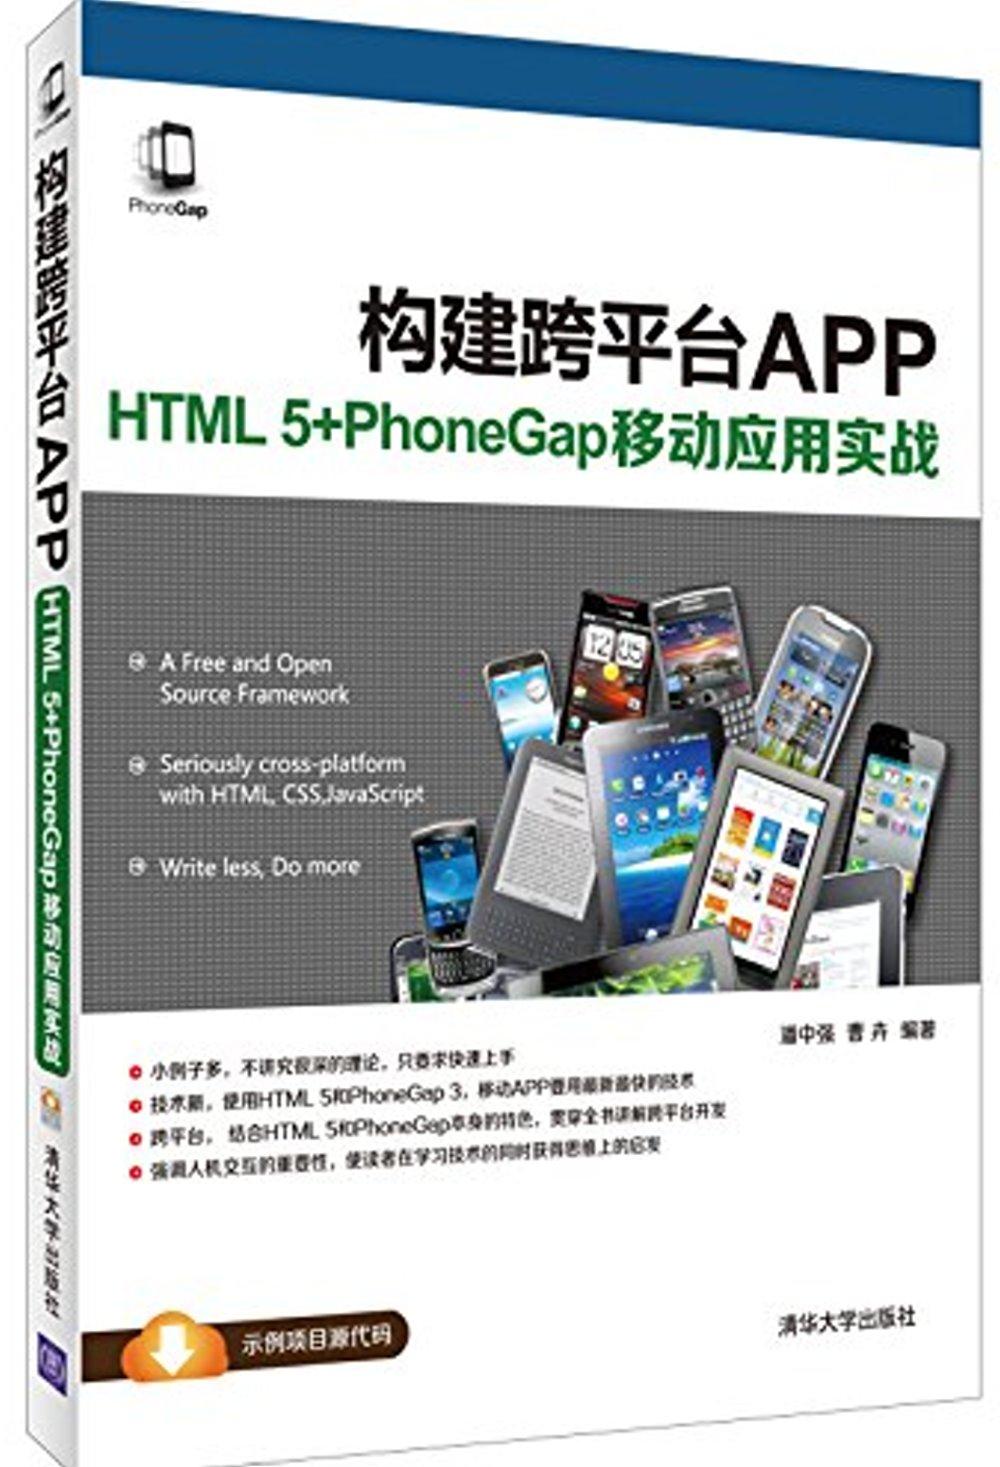 構建跨平台APP:HTML 5 PhoneGap移動應用實戰